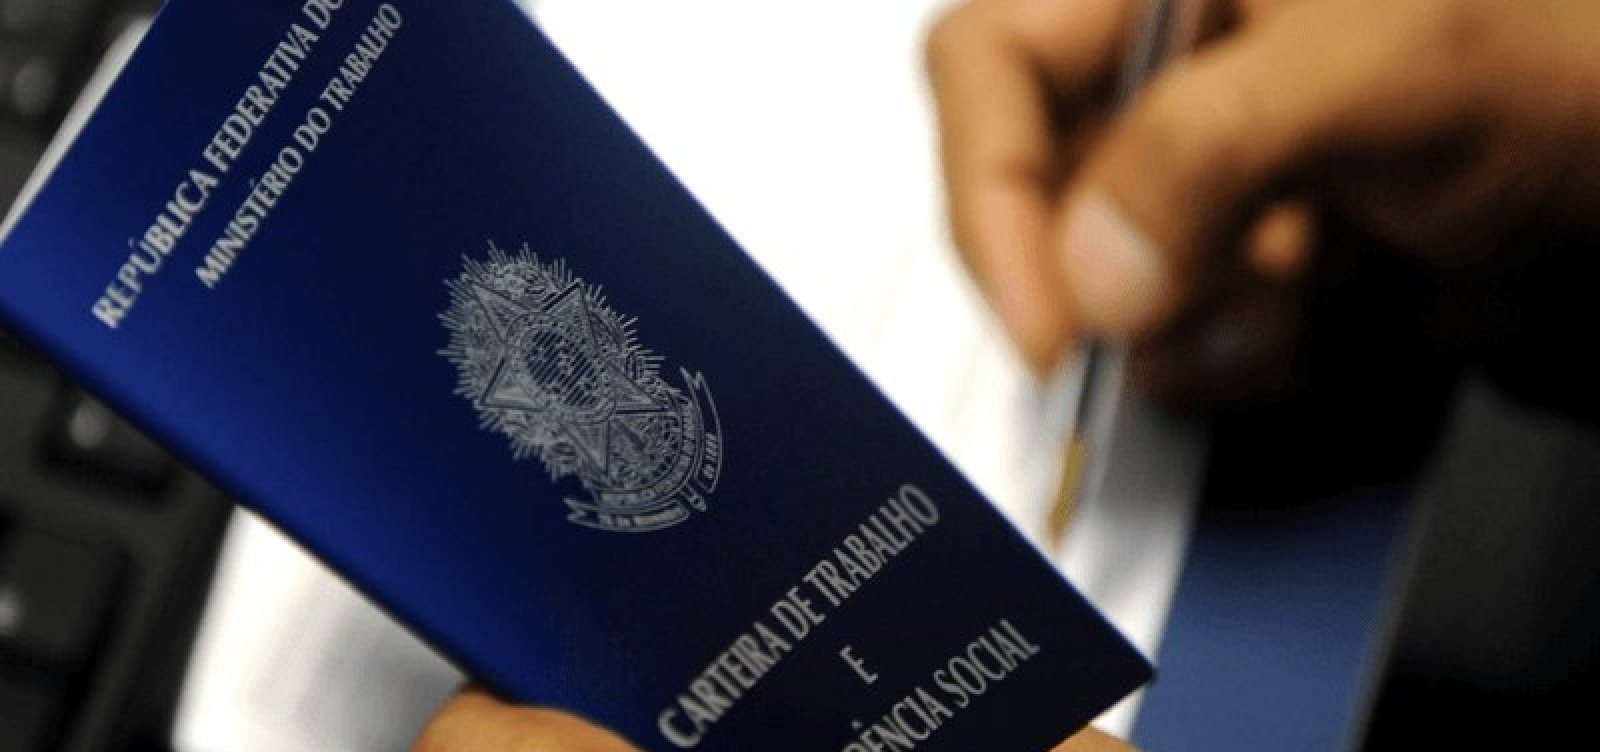 Bahia cria 502 postos de trabalho em dezembro; resultado é o melhor em 20 anos